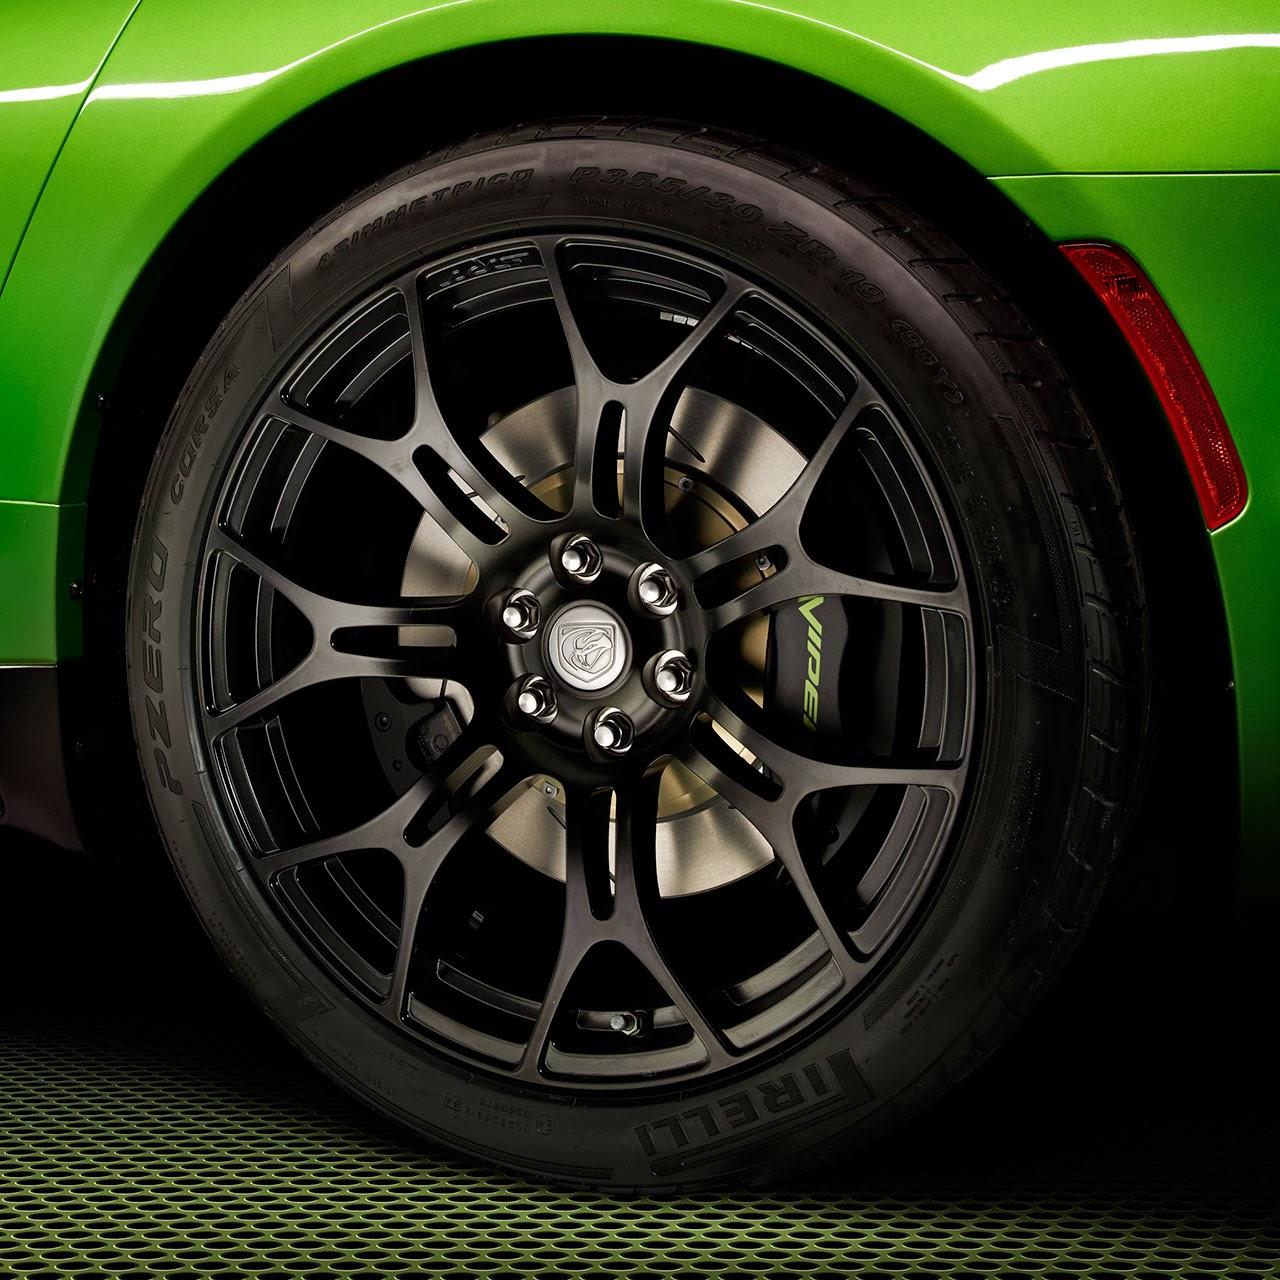 Stryker Green  2014 SRT Viper tire